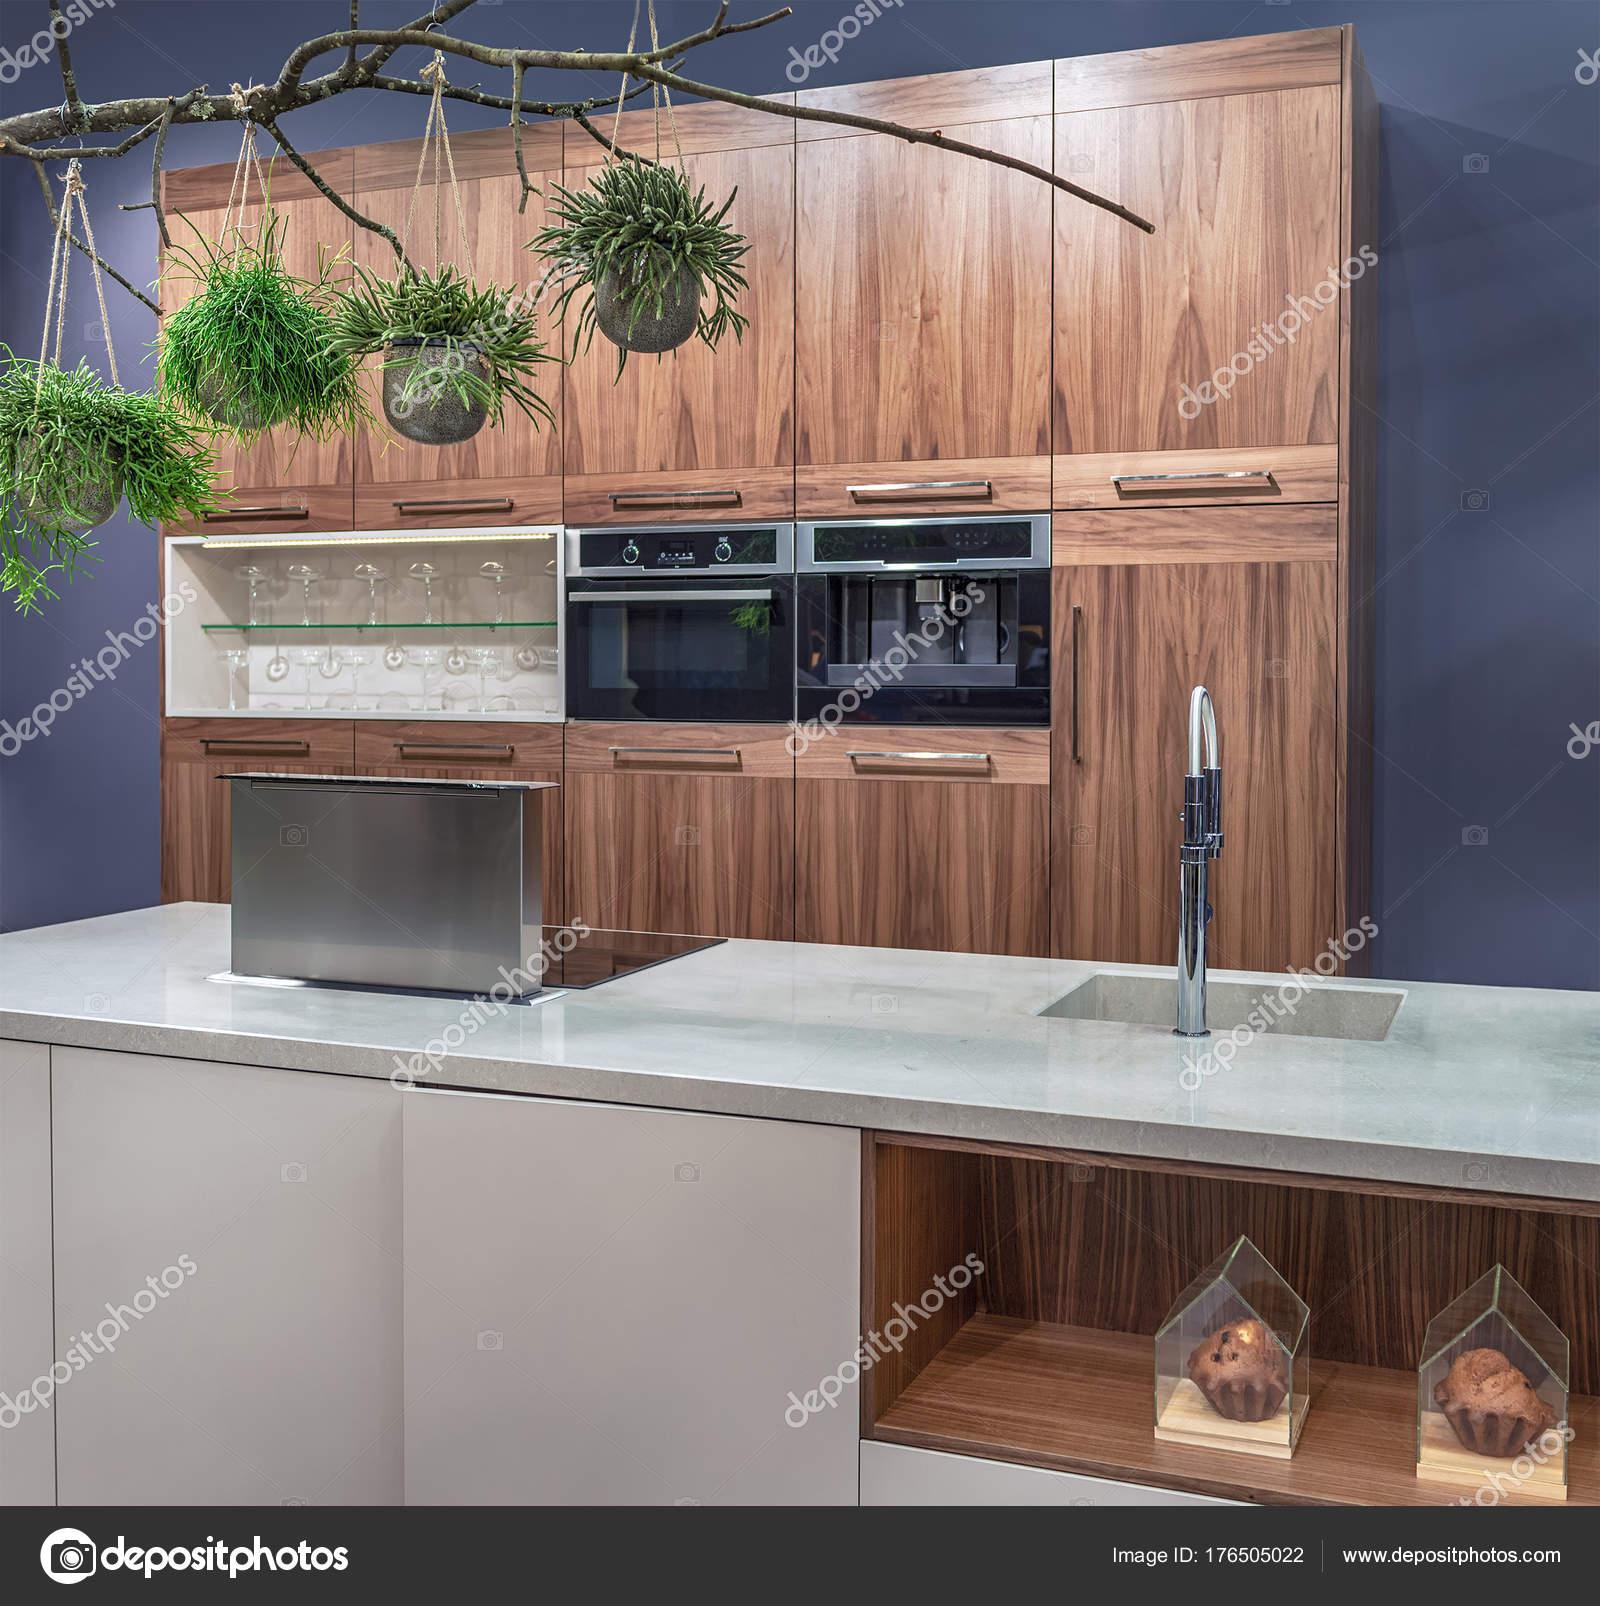 Cozinha Moderna Em Estilo High Tech Com Uma Ilha Built In